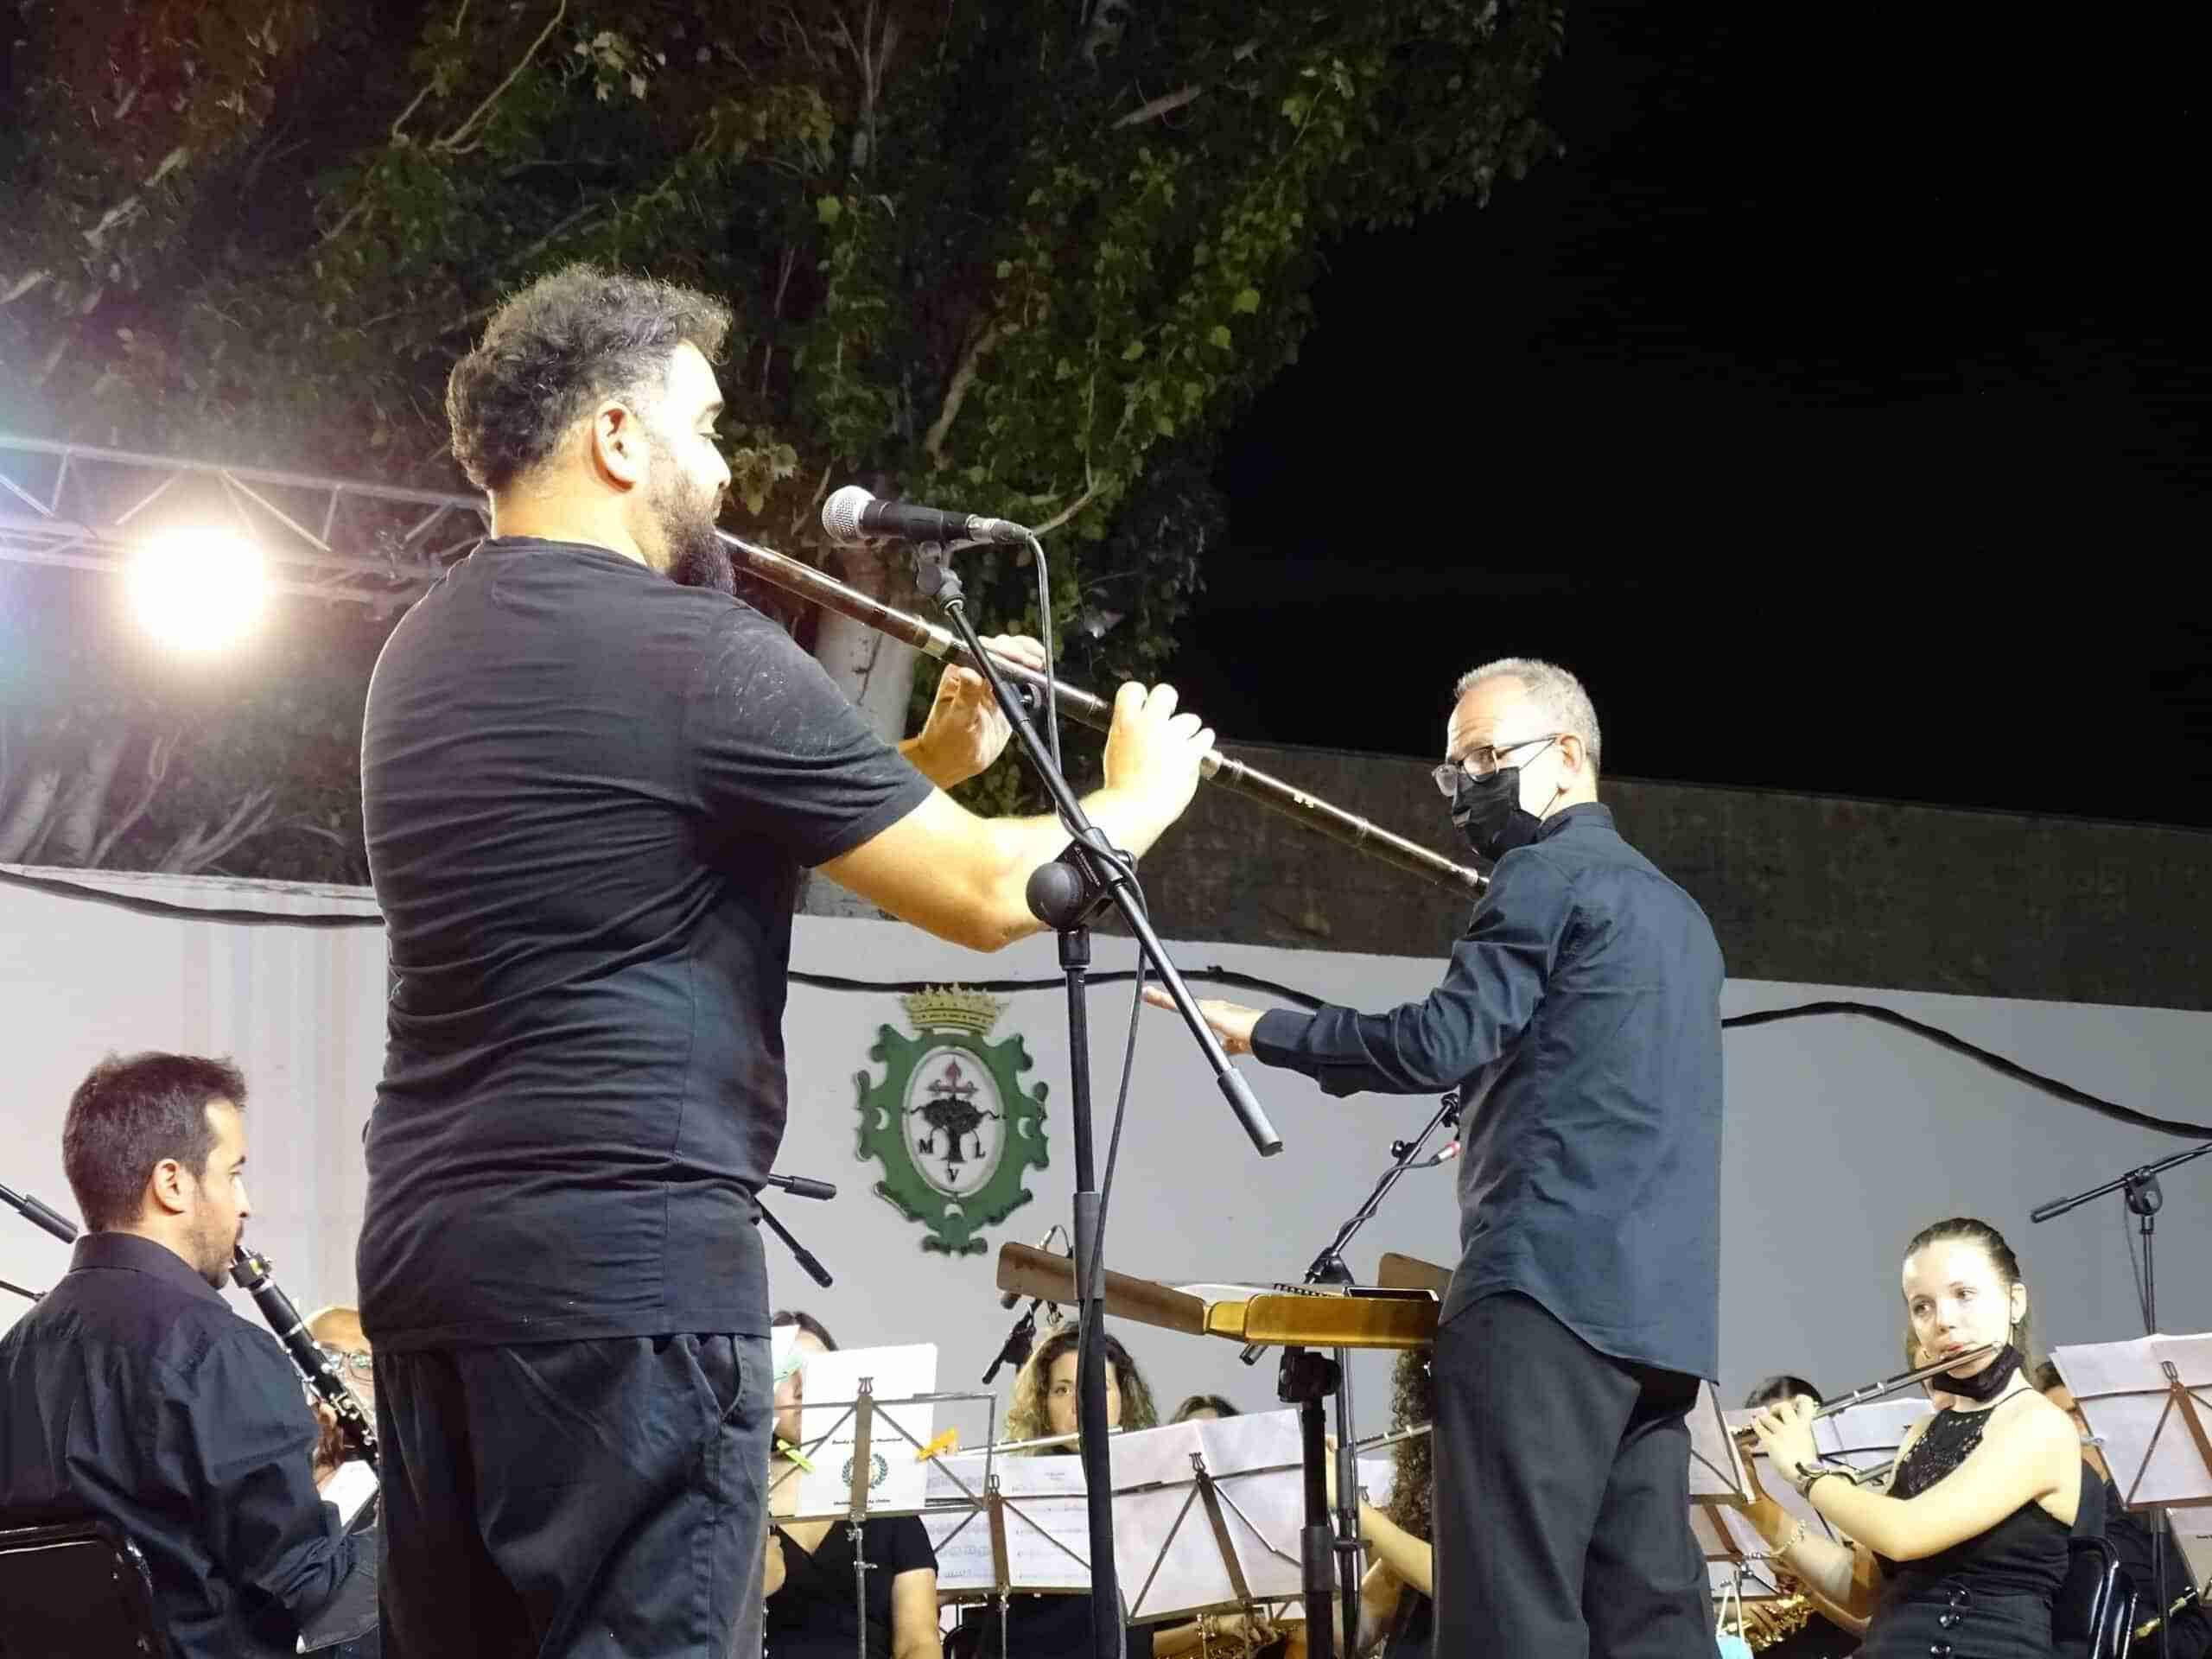 Magistral concierto de la Banda Sinfónica Municipal y el multiinstrumentista Abraham Cupeiro para cerrar el Festival de Musica 13